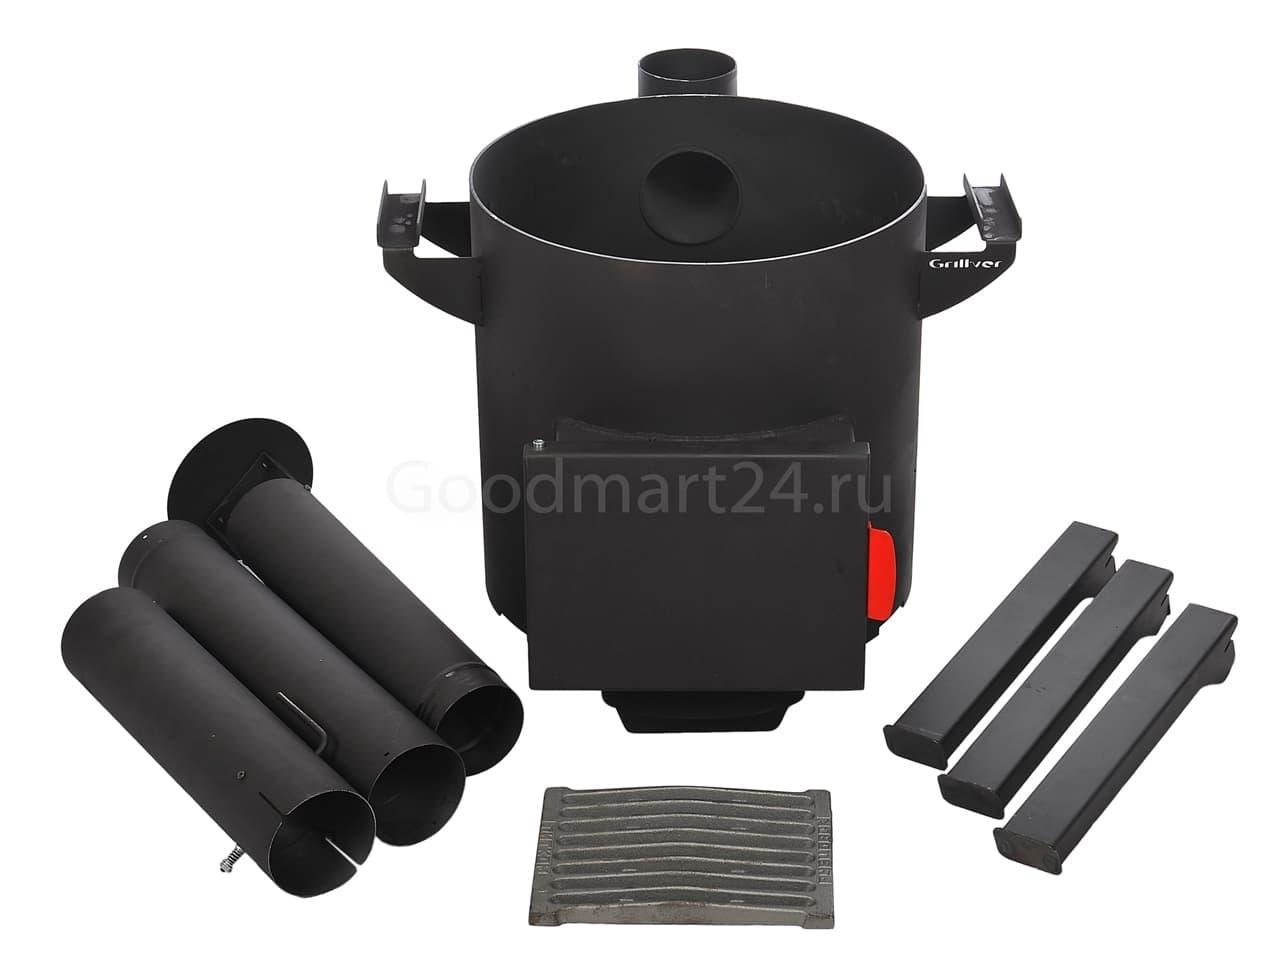 Чугунный казан 25 литров БЛМЗ + печь c трубой, поддувалом Grillver 3 мм. - фото 7228